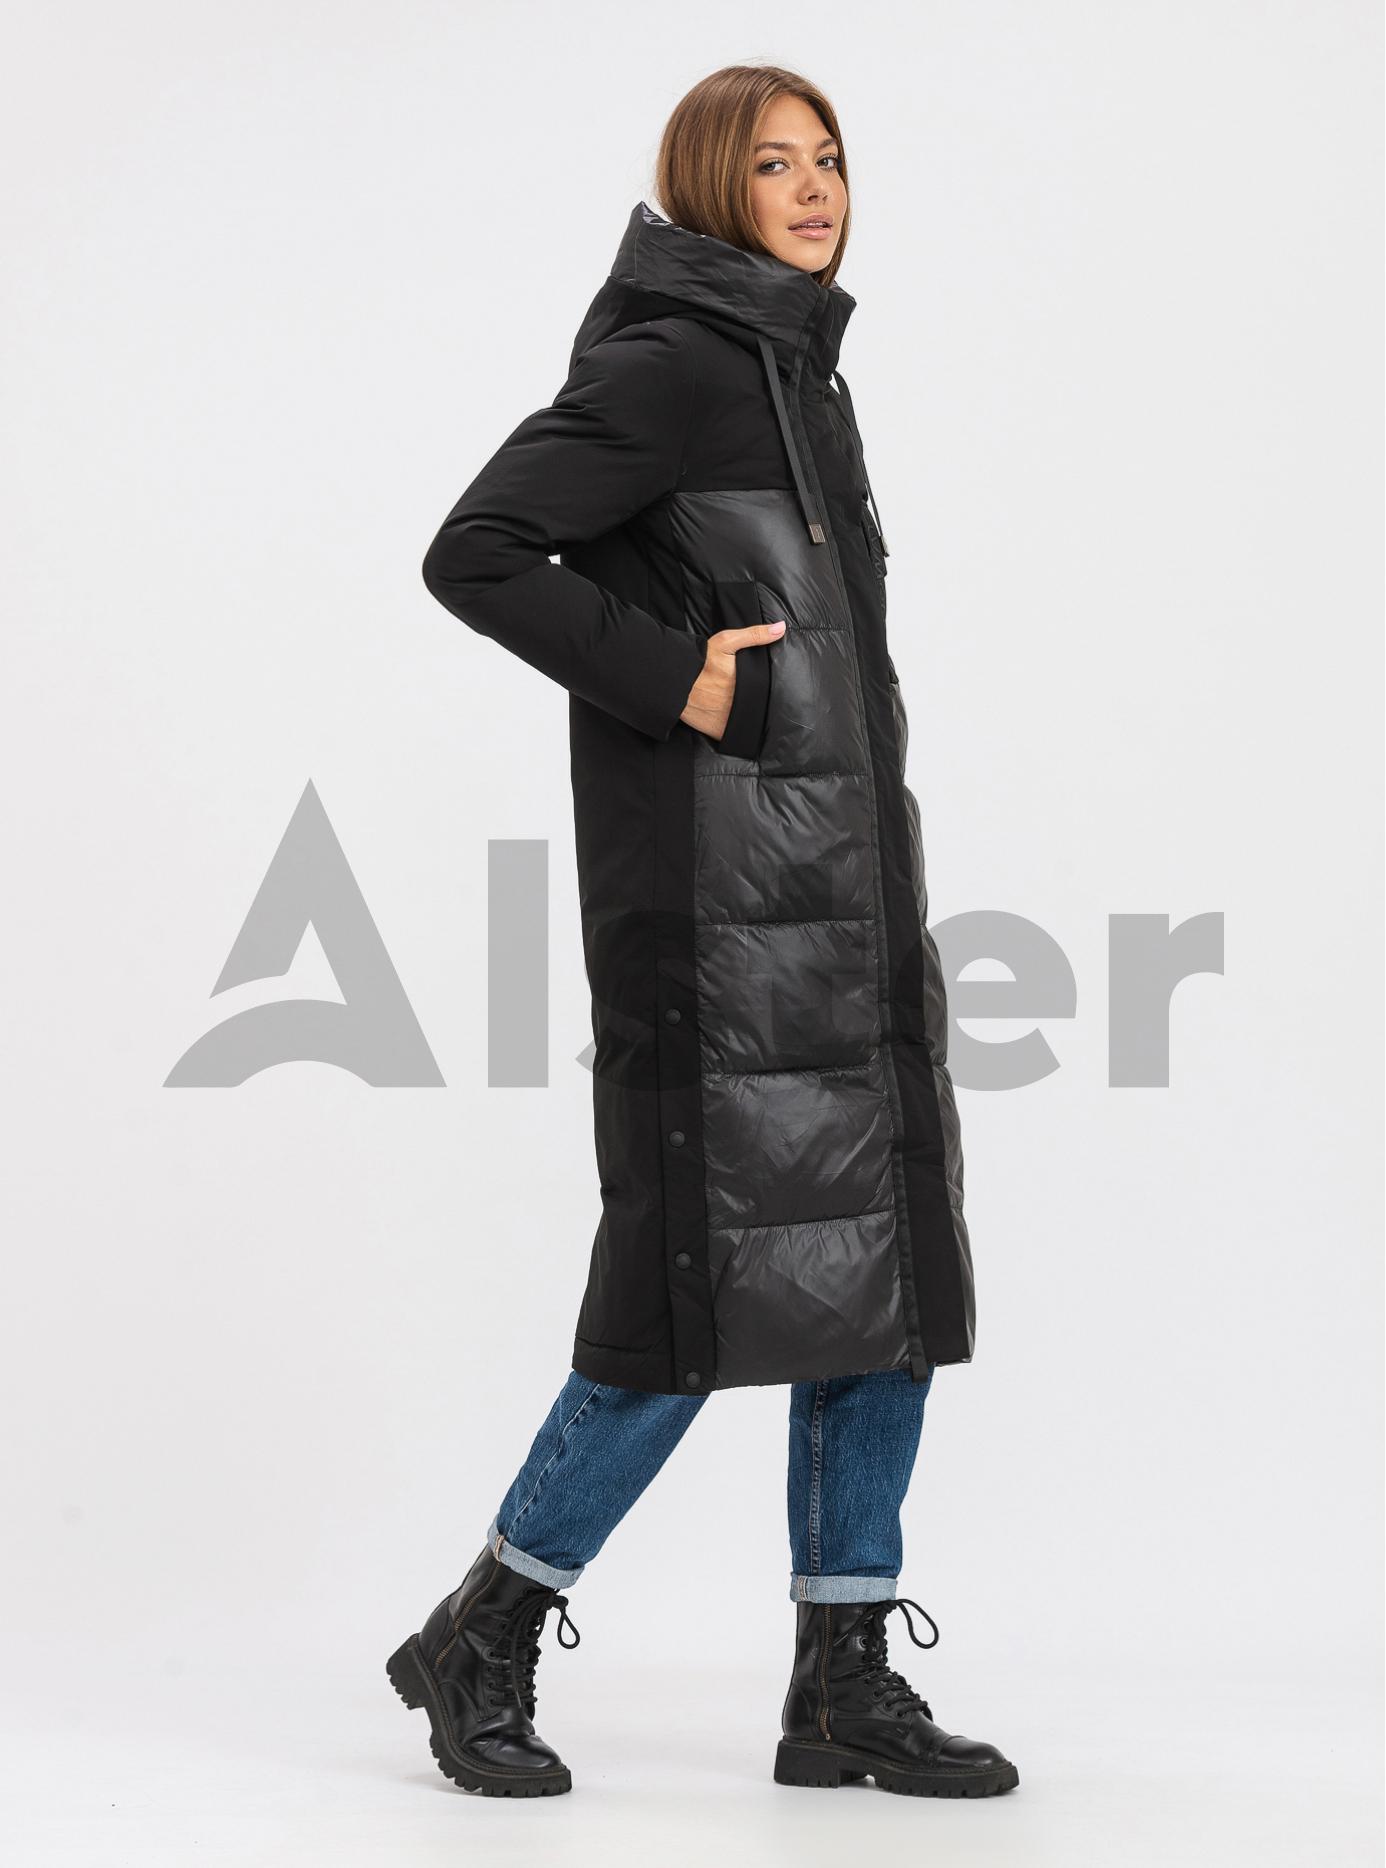 Жіноча довга куртка FineBabyCat Чорний M (21-565-02): фото - Alster.ua